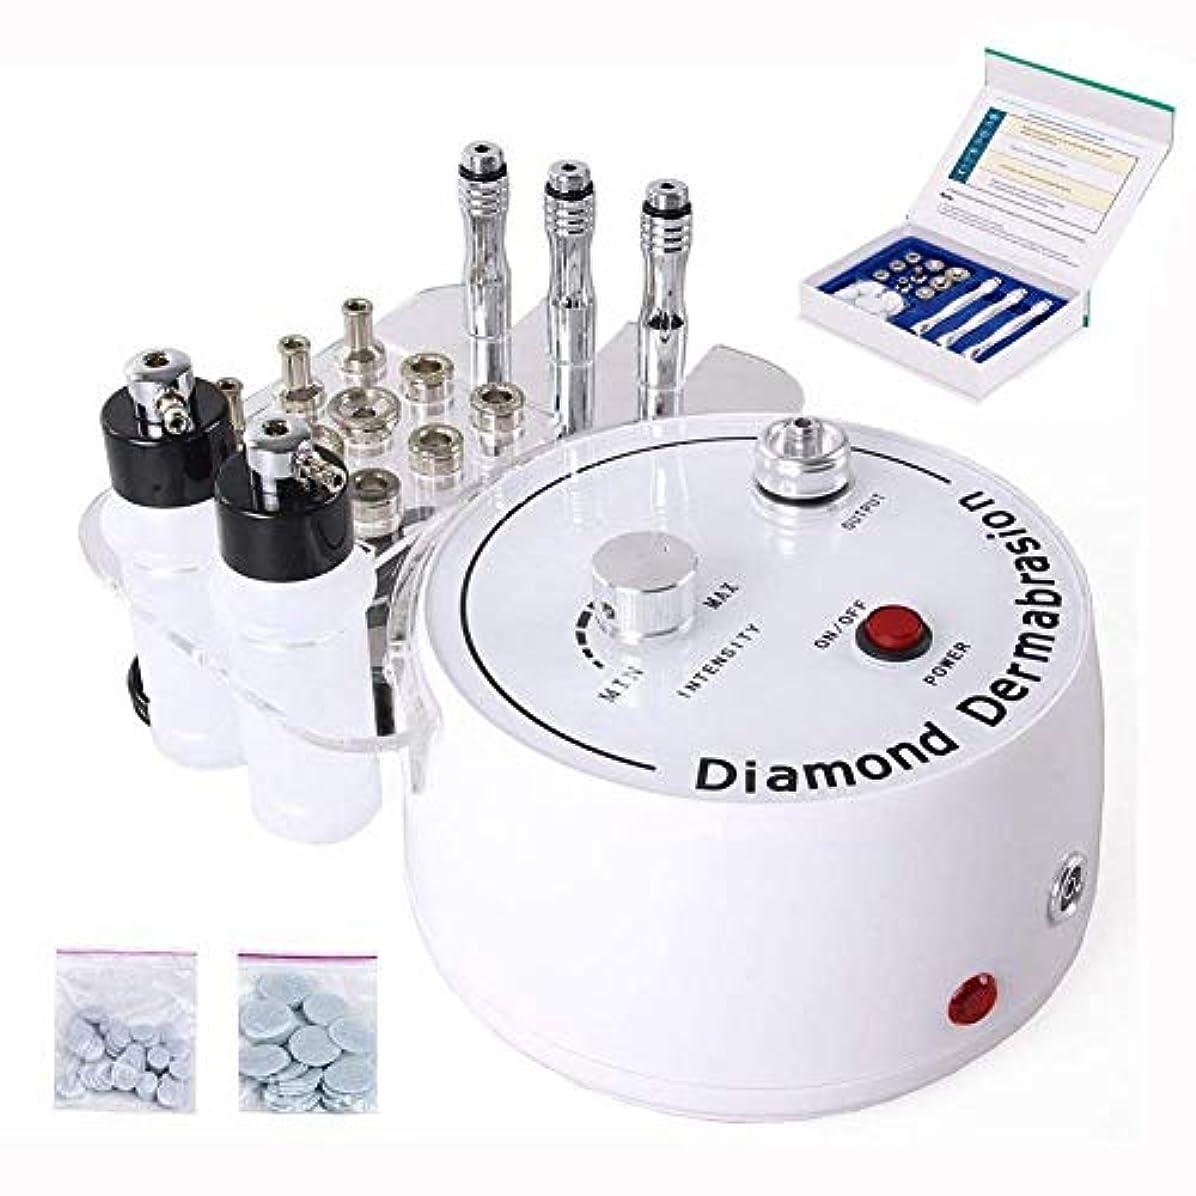 協同微妙テーブルを設定するダイヤモンドマイクロダーマブレーション皮膚剥離機、ピーリング美容機しわフェイスピーリングマシン、専門の皮膚剥離装置肌用美容機器を引き締め若返りリフティングピーリング